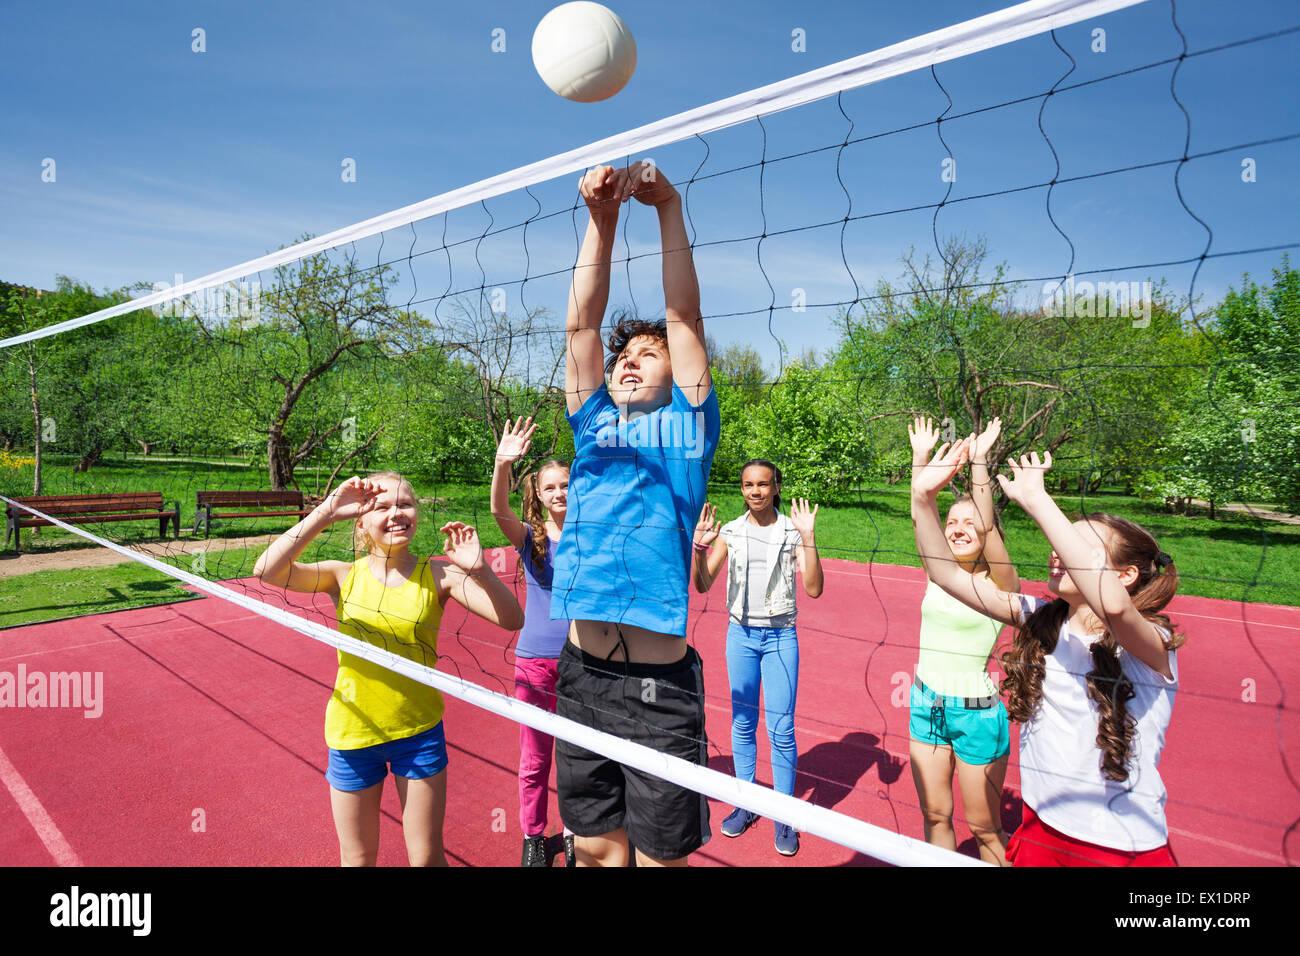 Gli adolescenti sono tutte con le braccia in alto giocare a pallavolo Immagini Stock